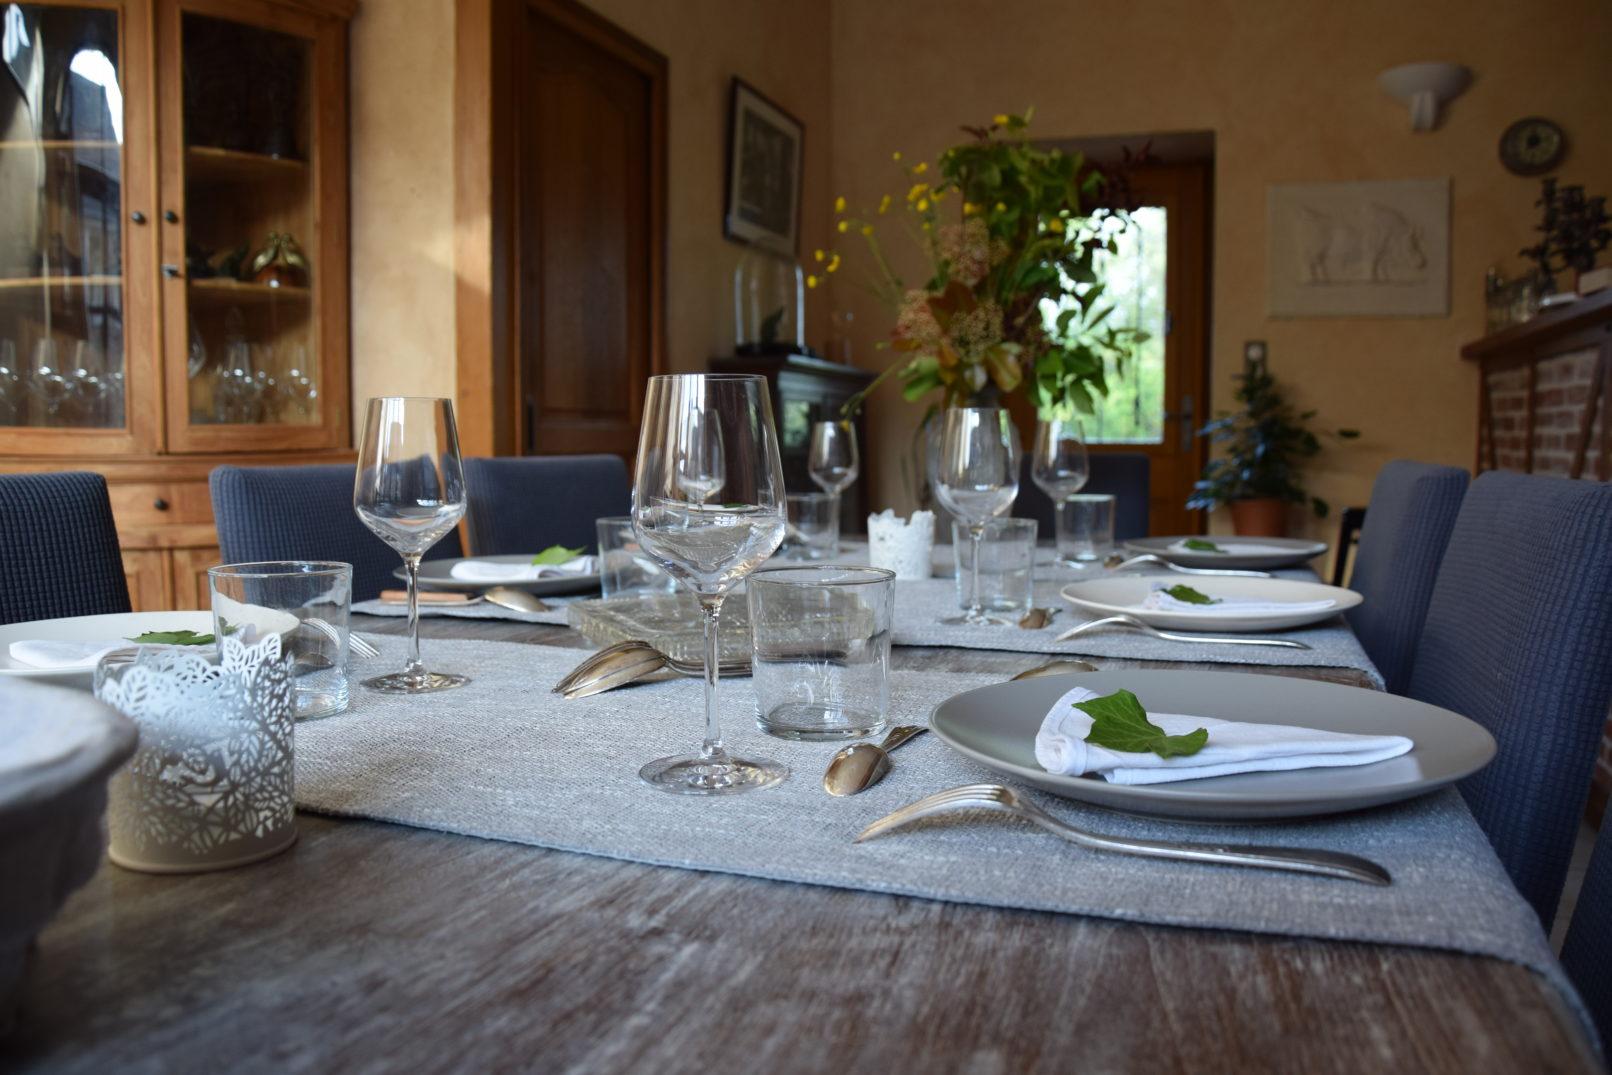 Décors de table de salle à manger